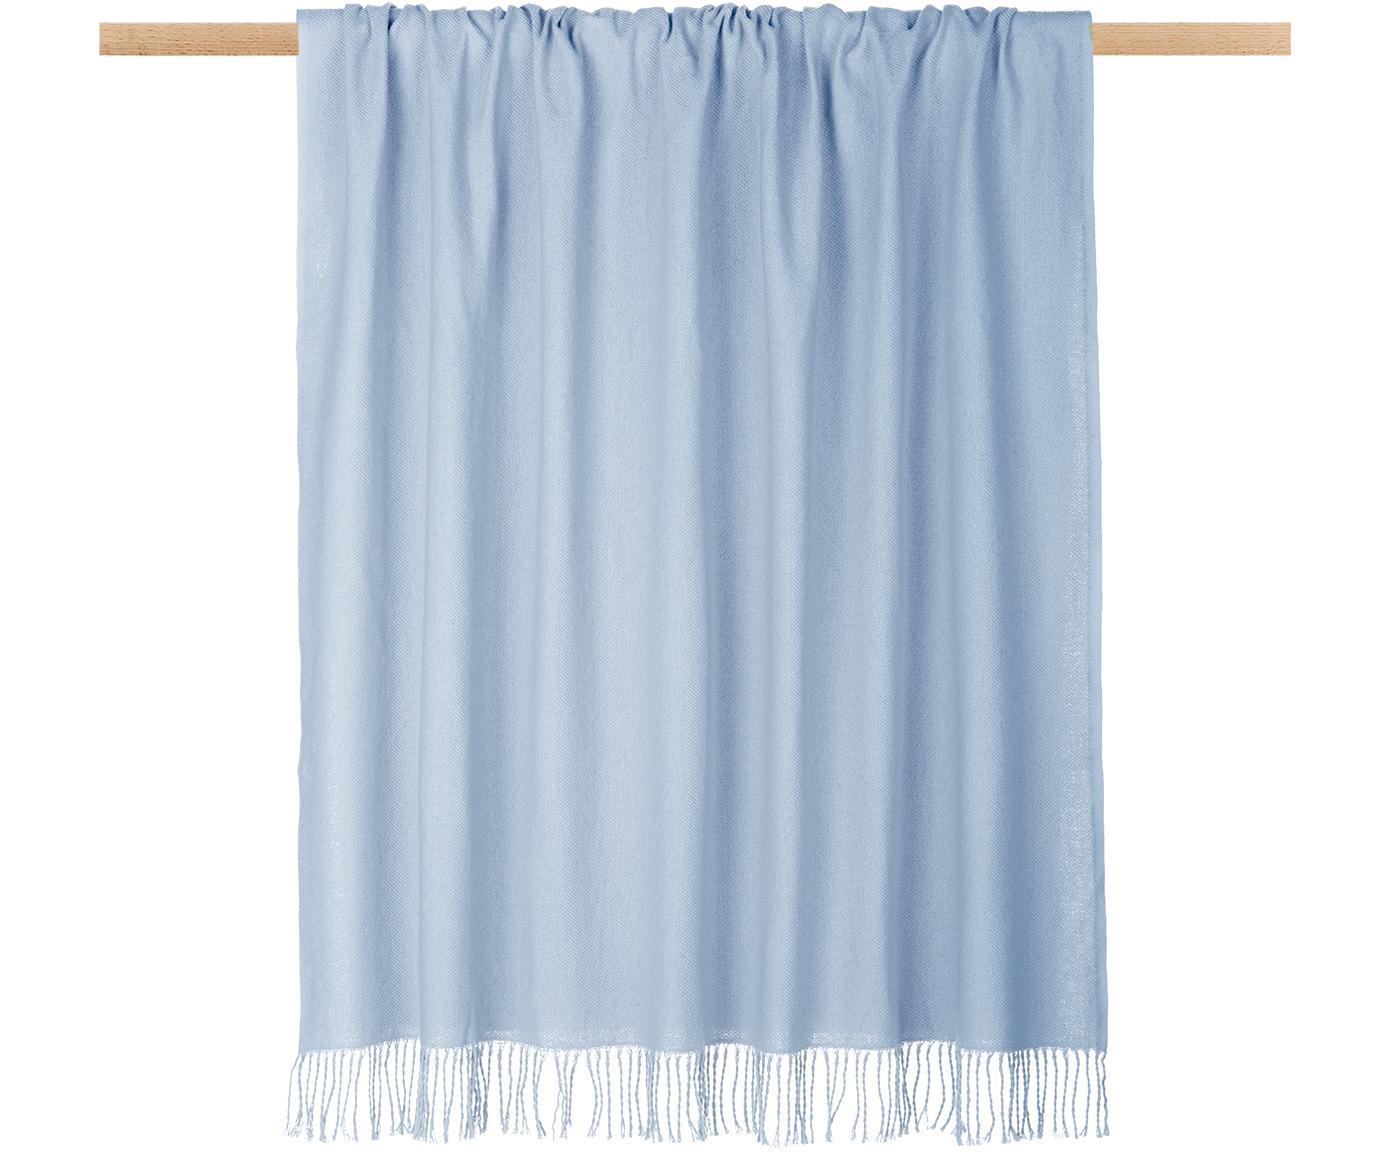 Pled z frędzlami Madison, 100% bawełna, Jasny niebieski, S 130 x D 170 cm